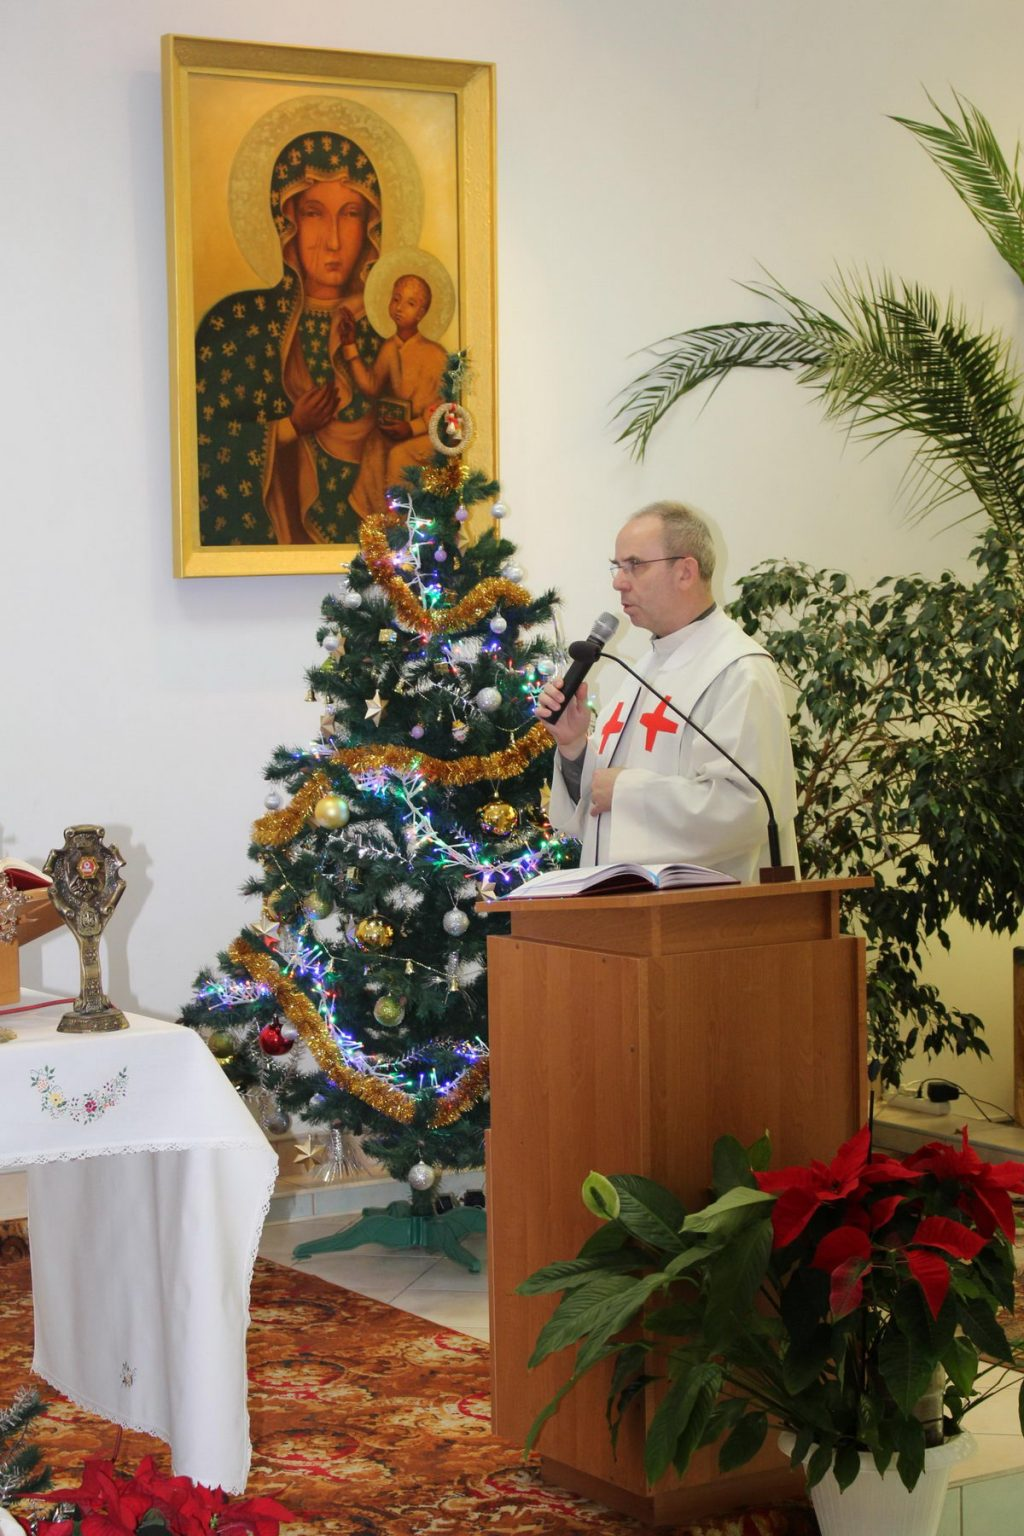 kaplica szpitalna. Kapelan w białym ubraniu podczas kazania na mszy swiętej